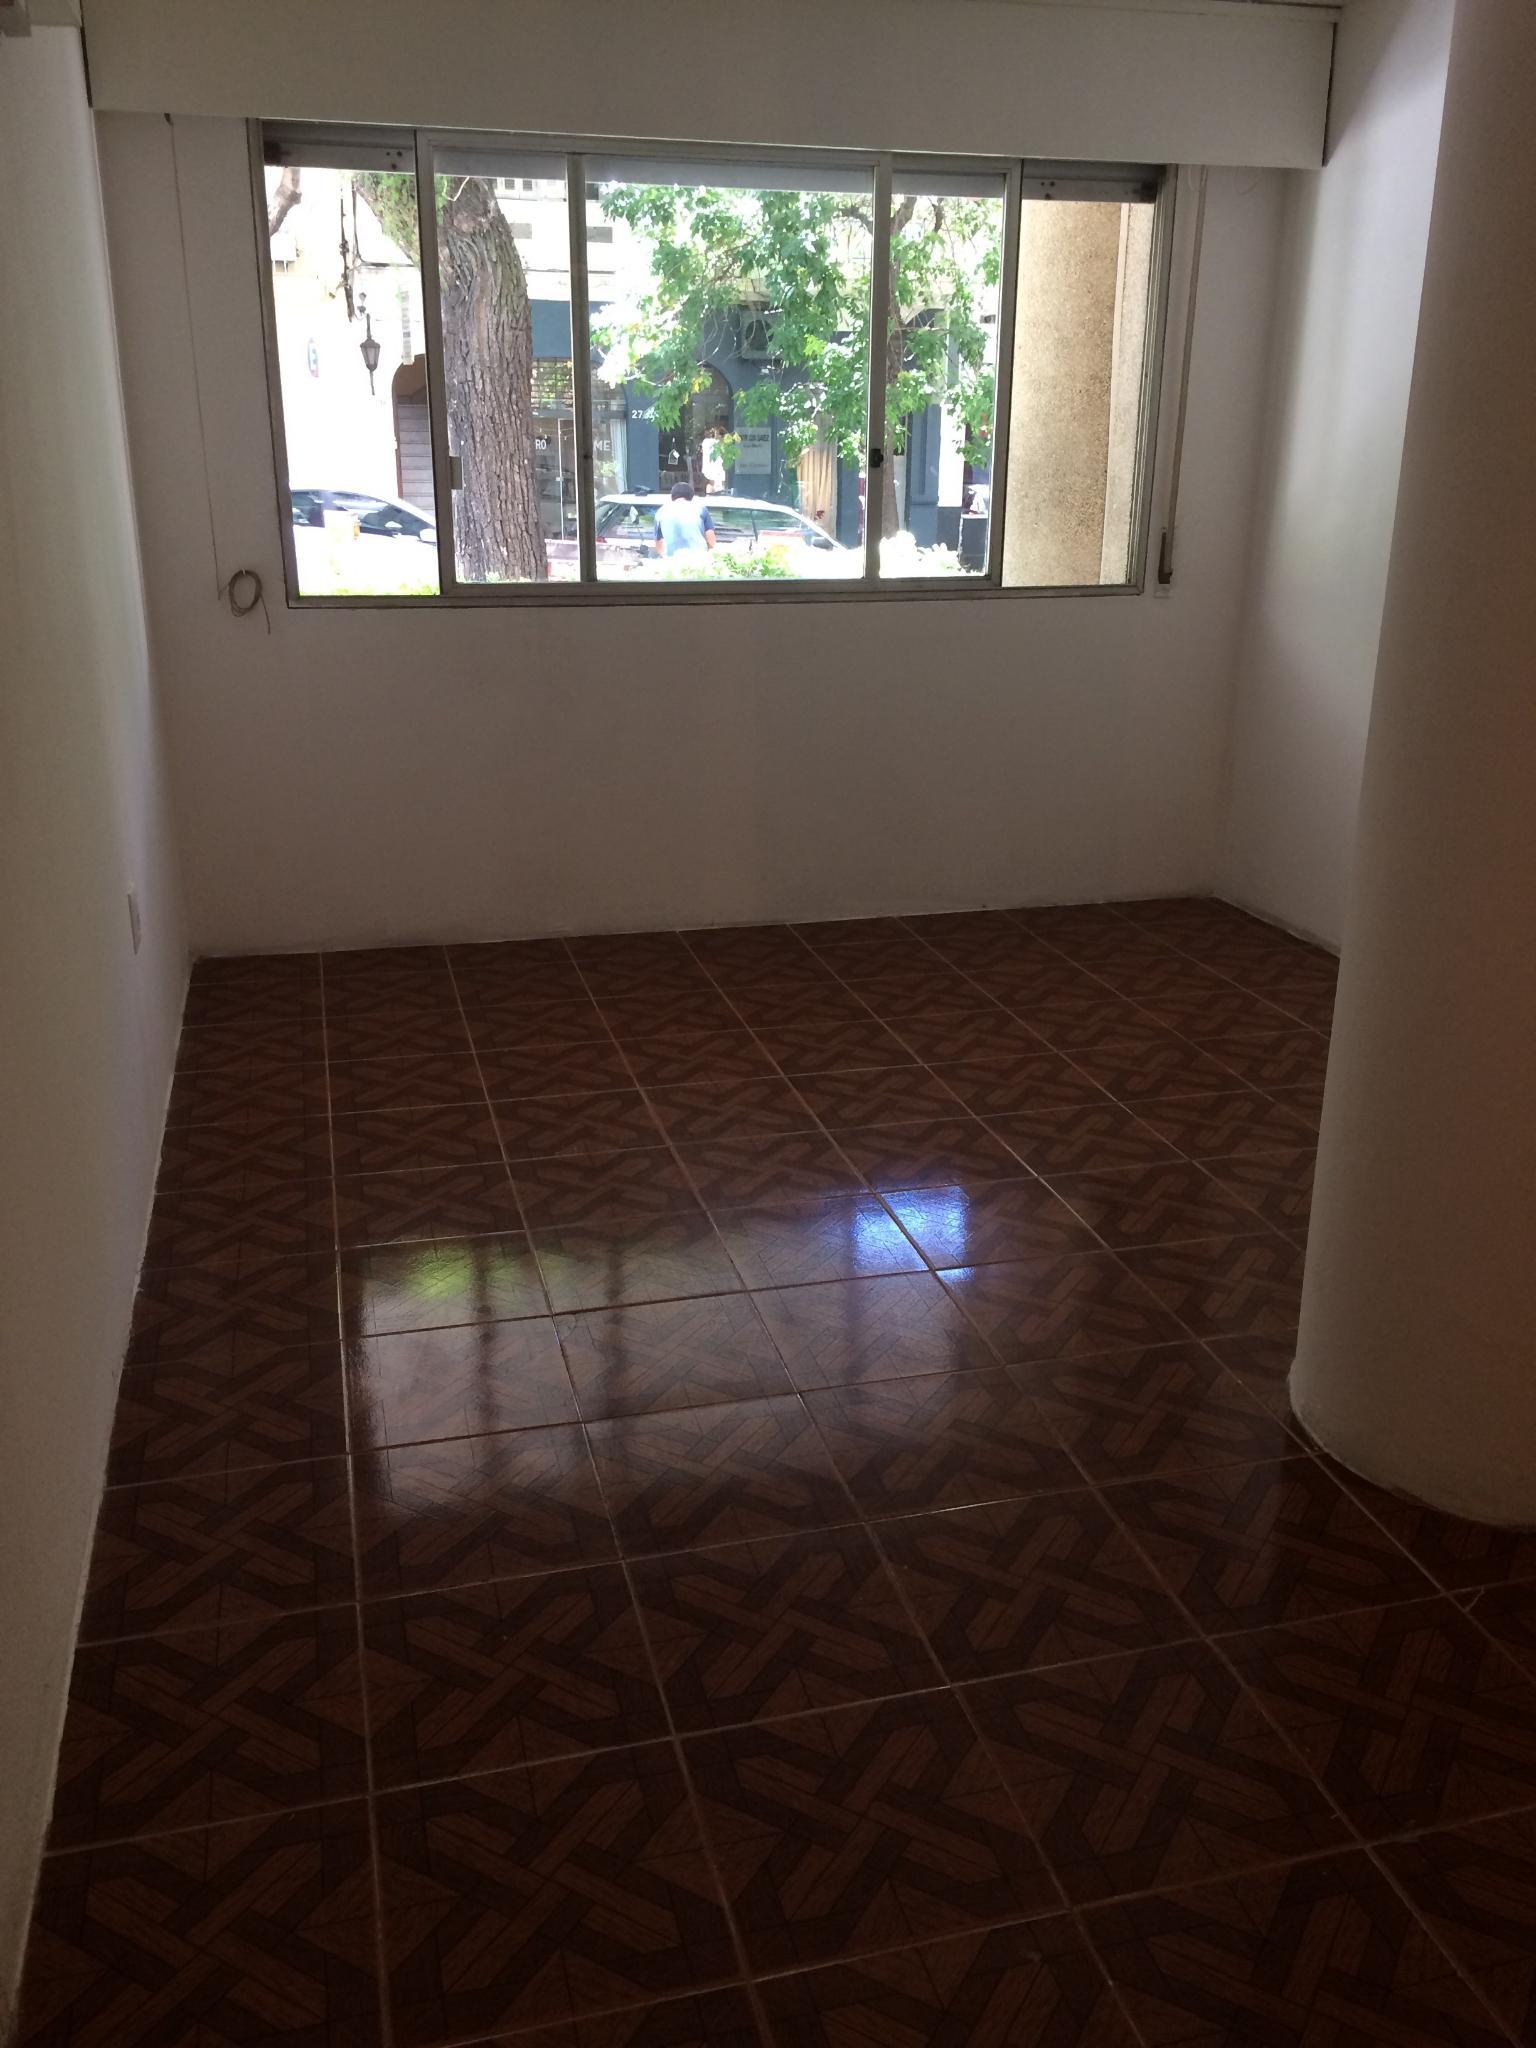 Alquiler Planta Baja Independiente  De 1 Dormitorio.